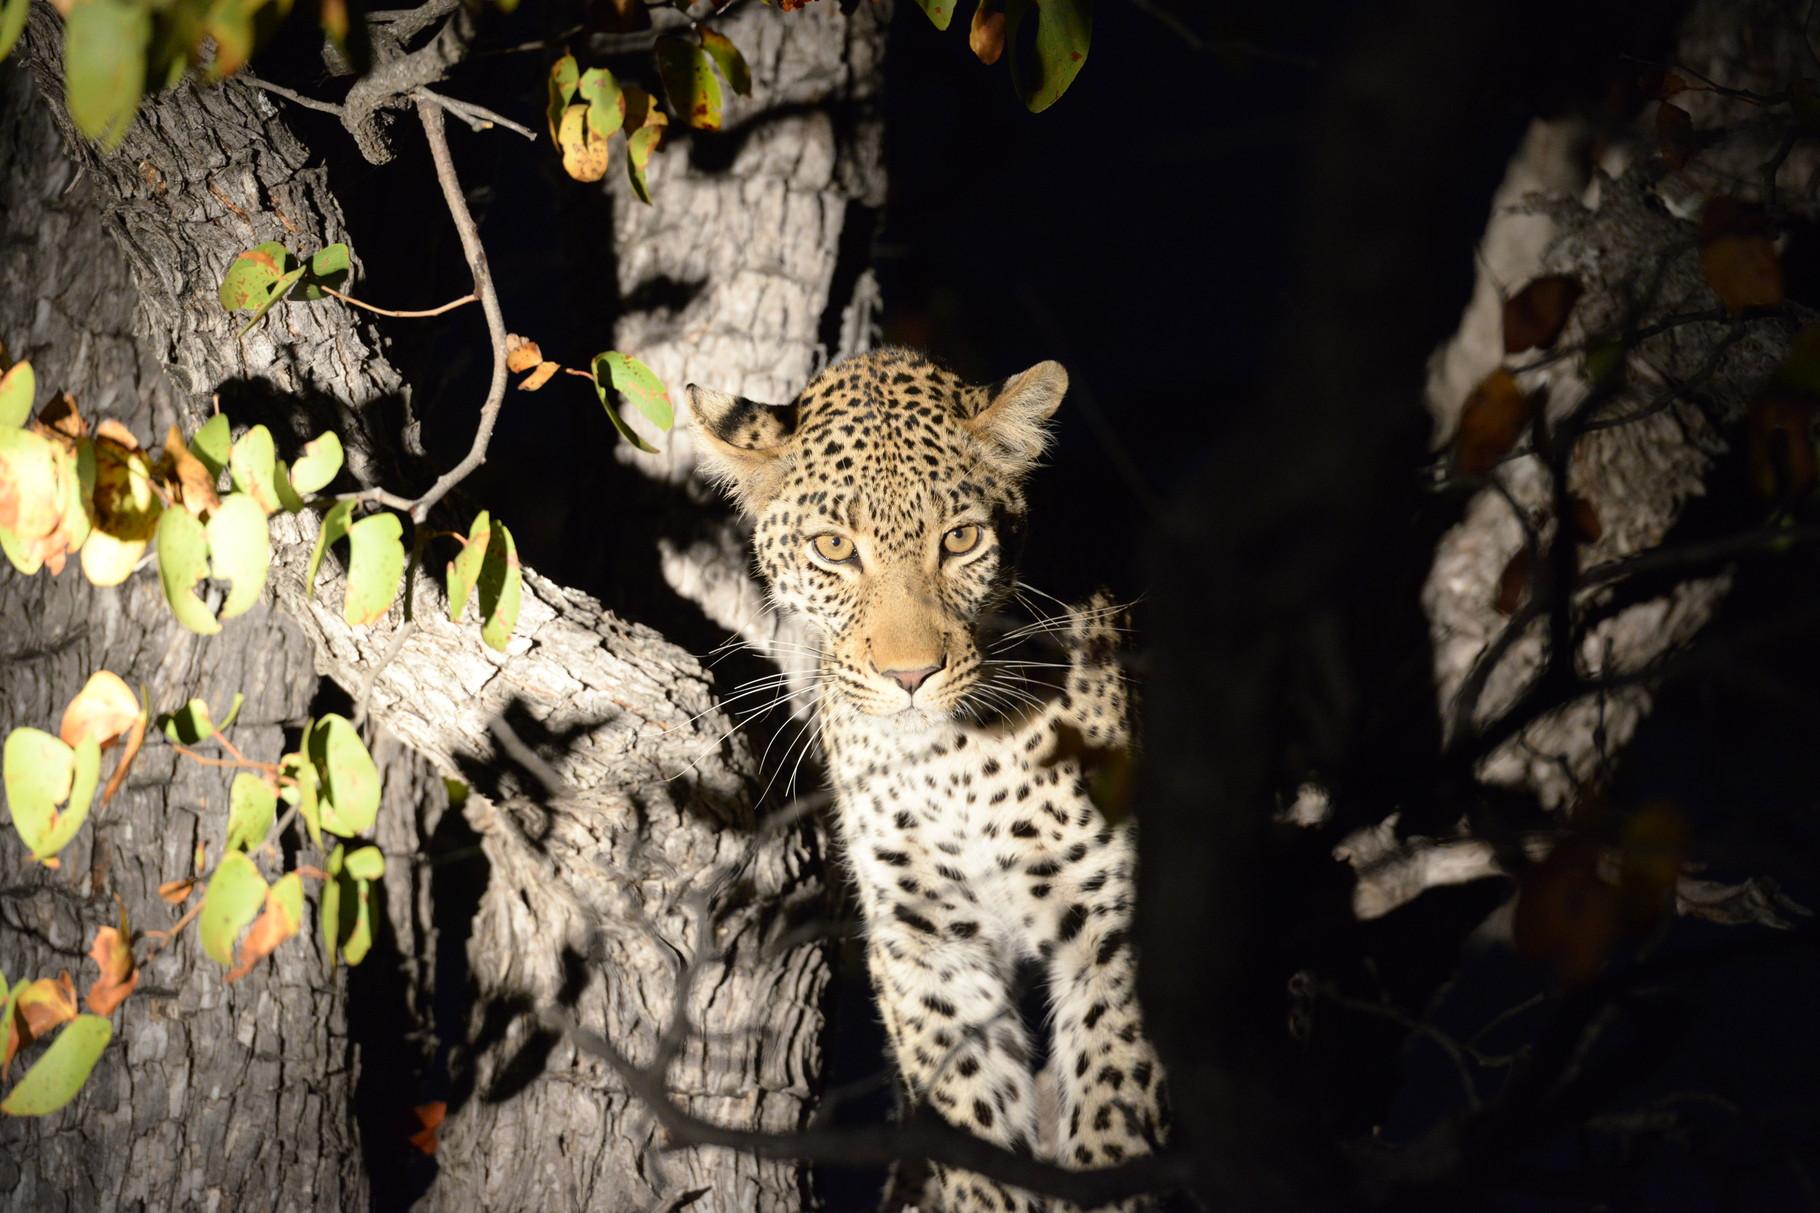 Der Leopard im Scheinwerfer Licht entdeckt und ohne Blitz abgelichtet